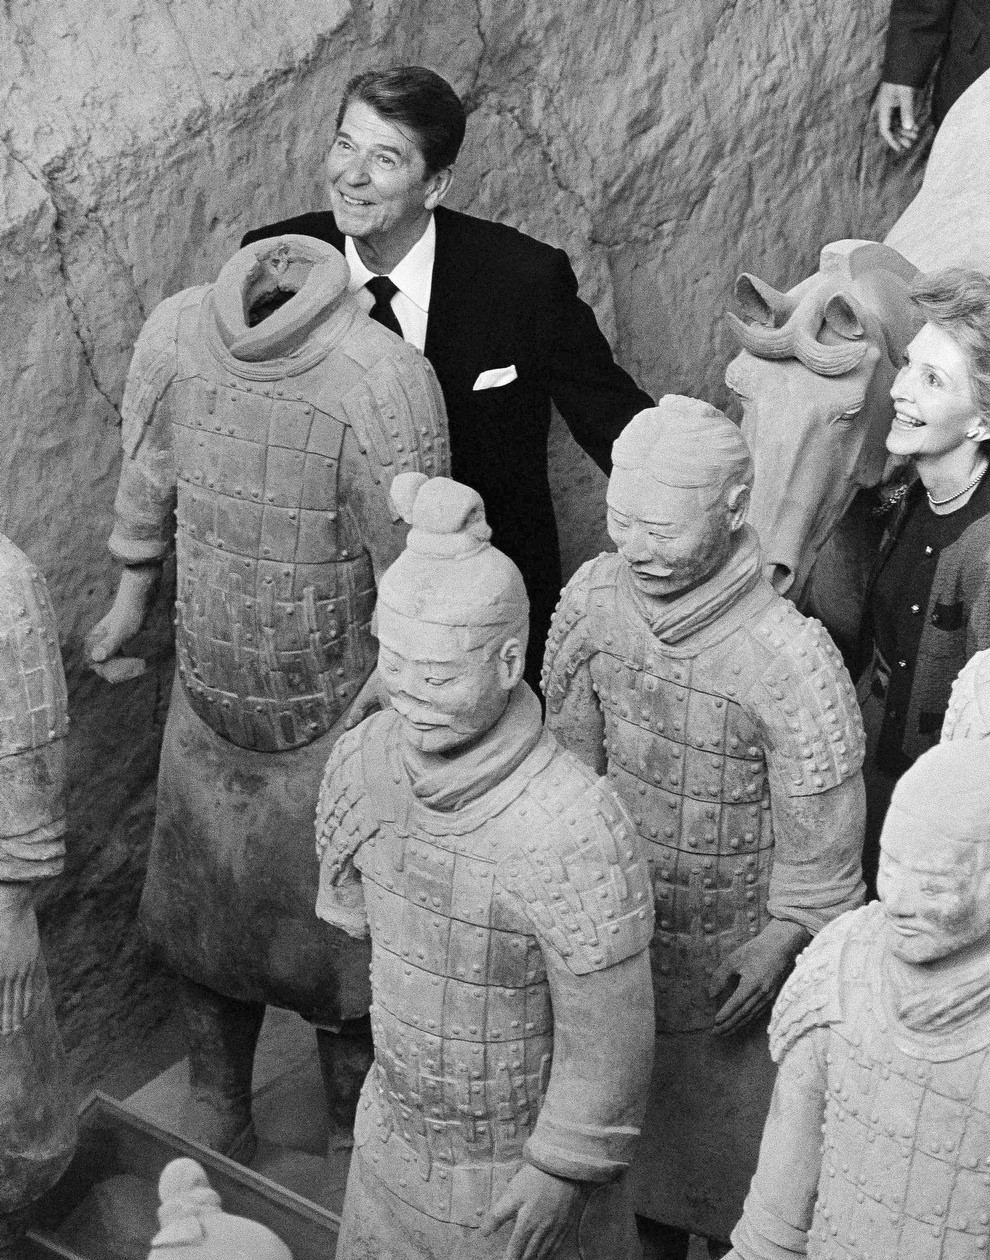 1984. Ronald Reagan fejét kölcsönzi egy vicces fotó erejéig egy cserépkatonának, Kínában tett látogatása során..jpg